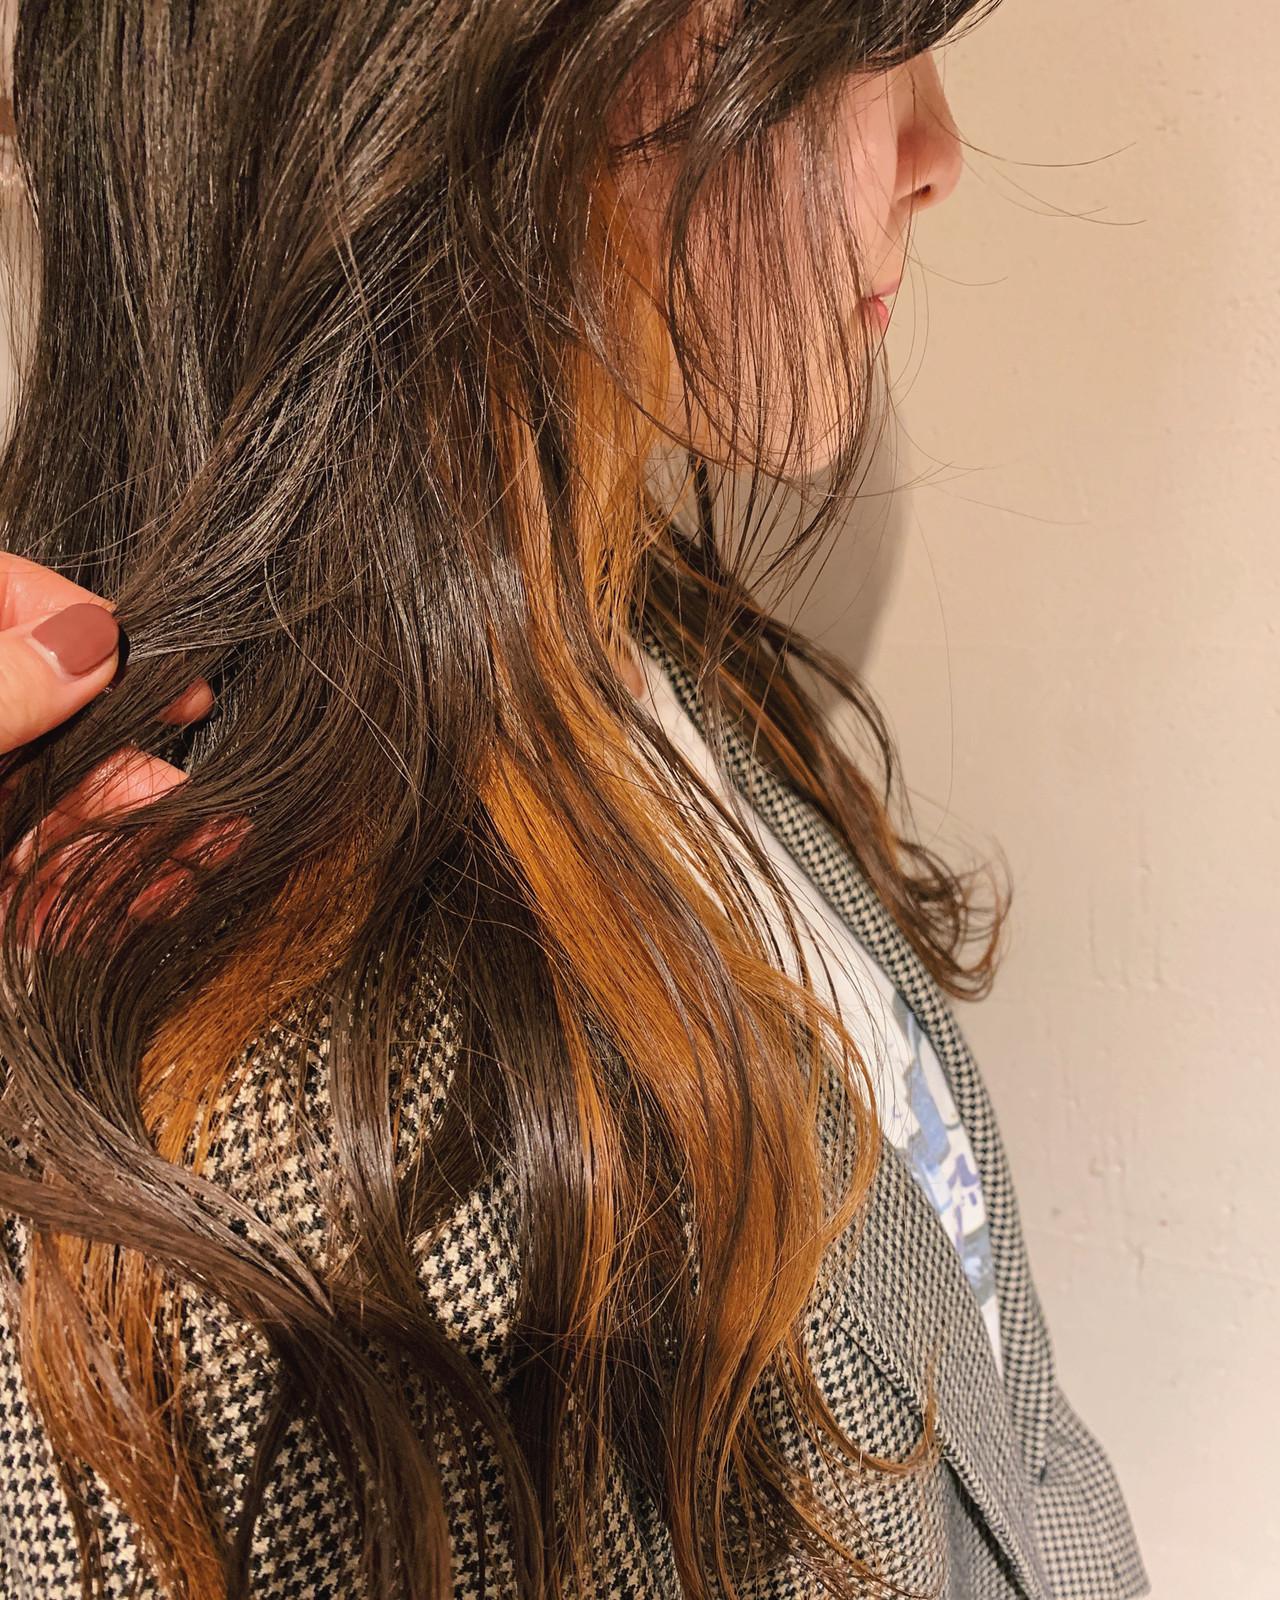 オレンジ インナーカラーオレンジ ロング ベージュ ヘアスタイルや髪型の写真・画像